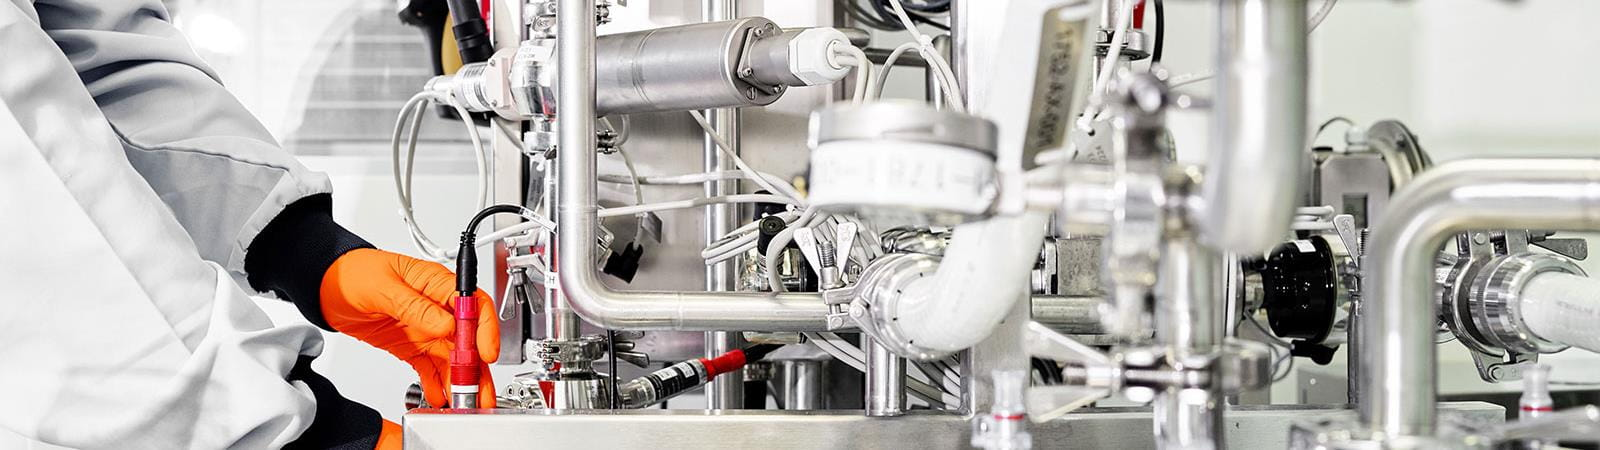 Bern manufacturing employee adjusting settings tank